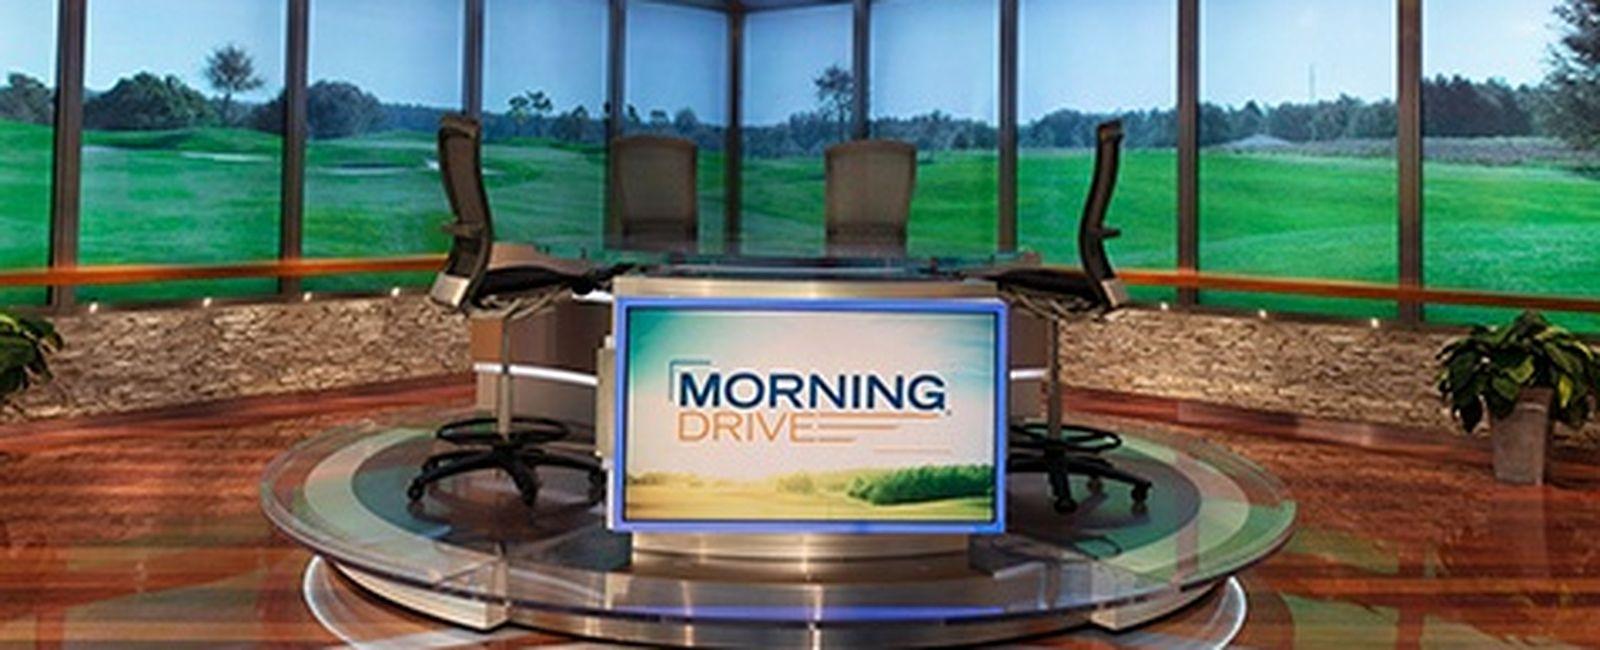 sports-broadcast-studio